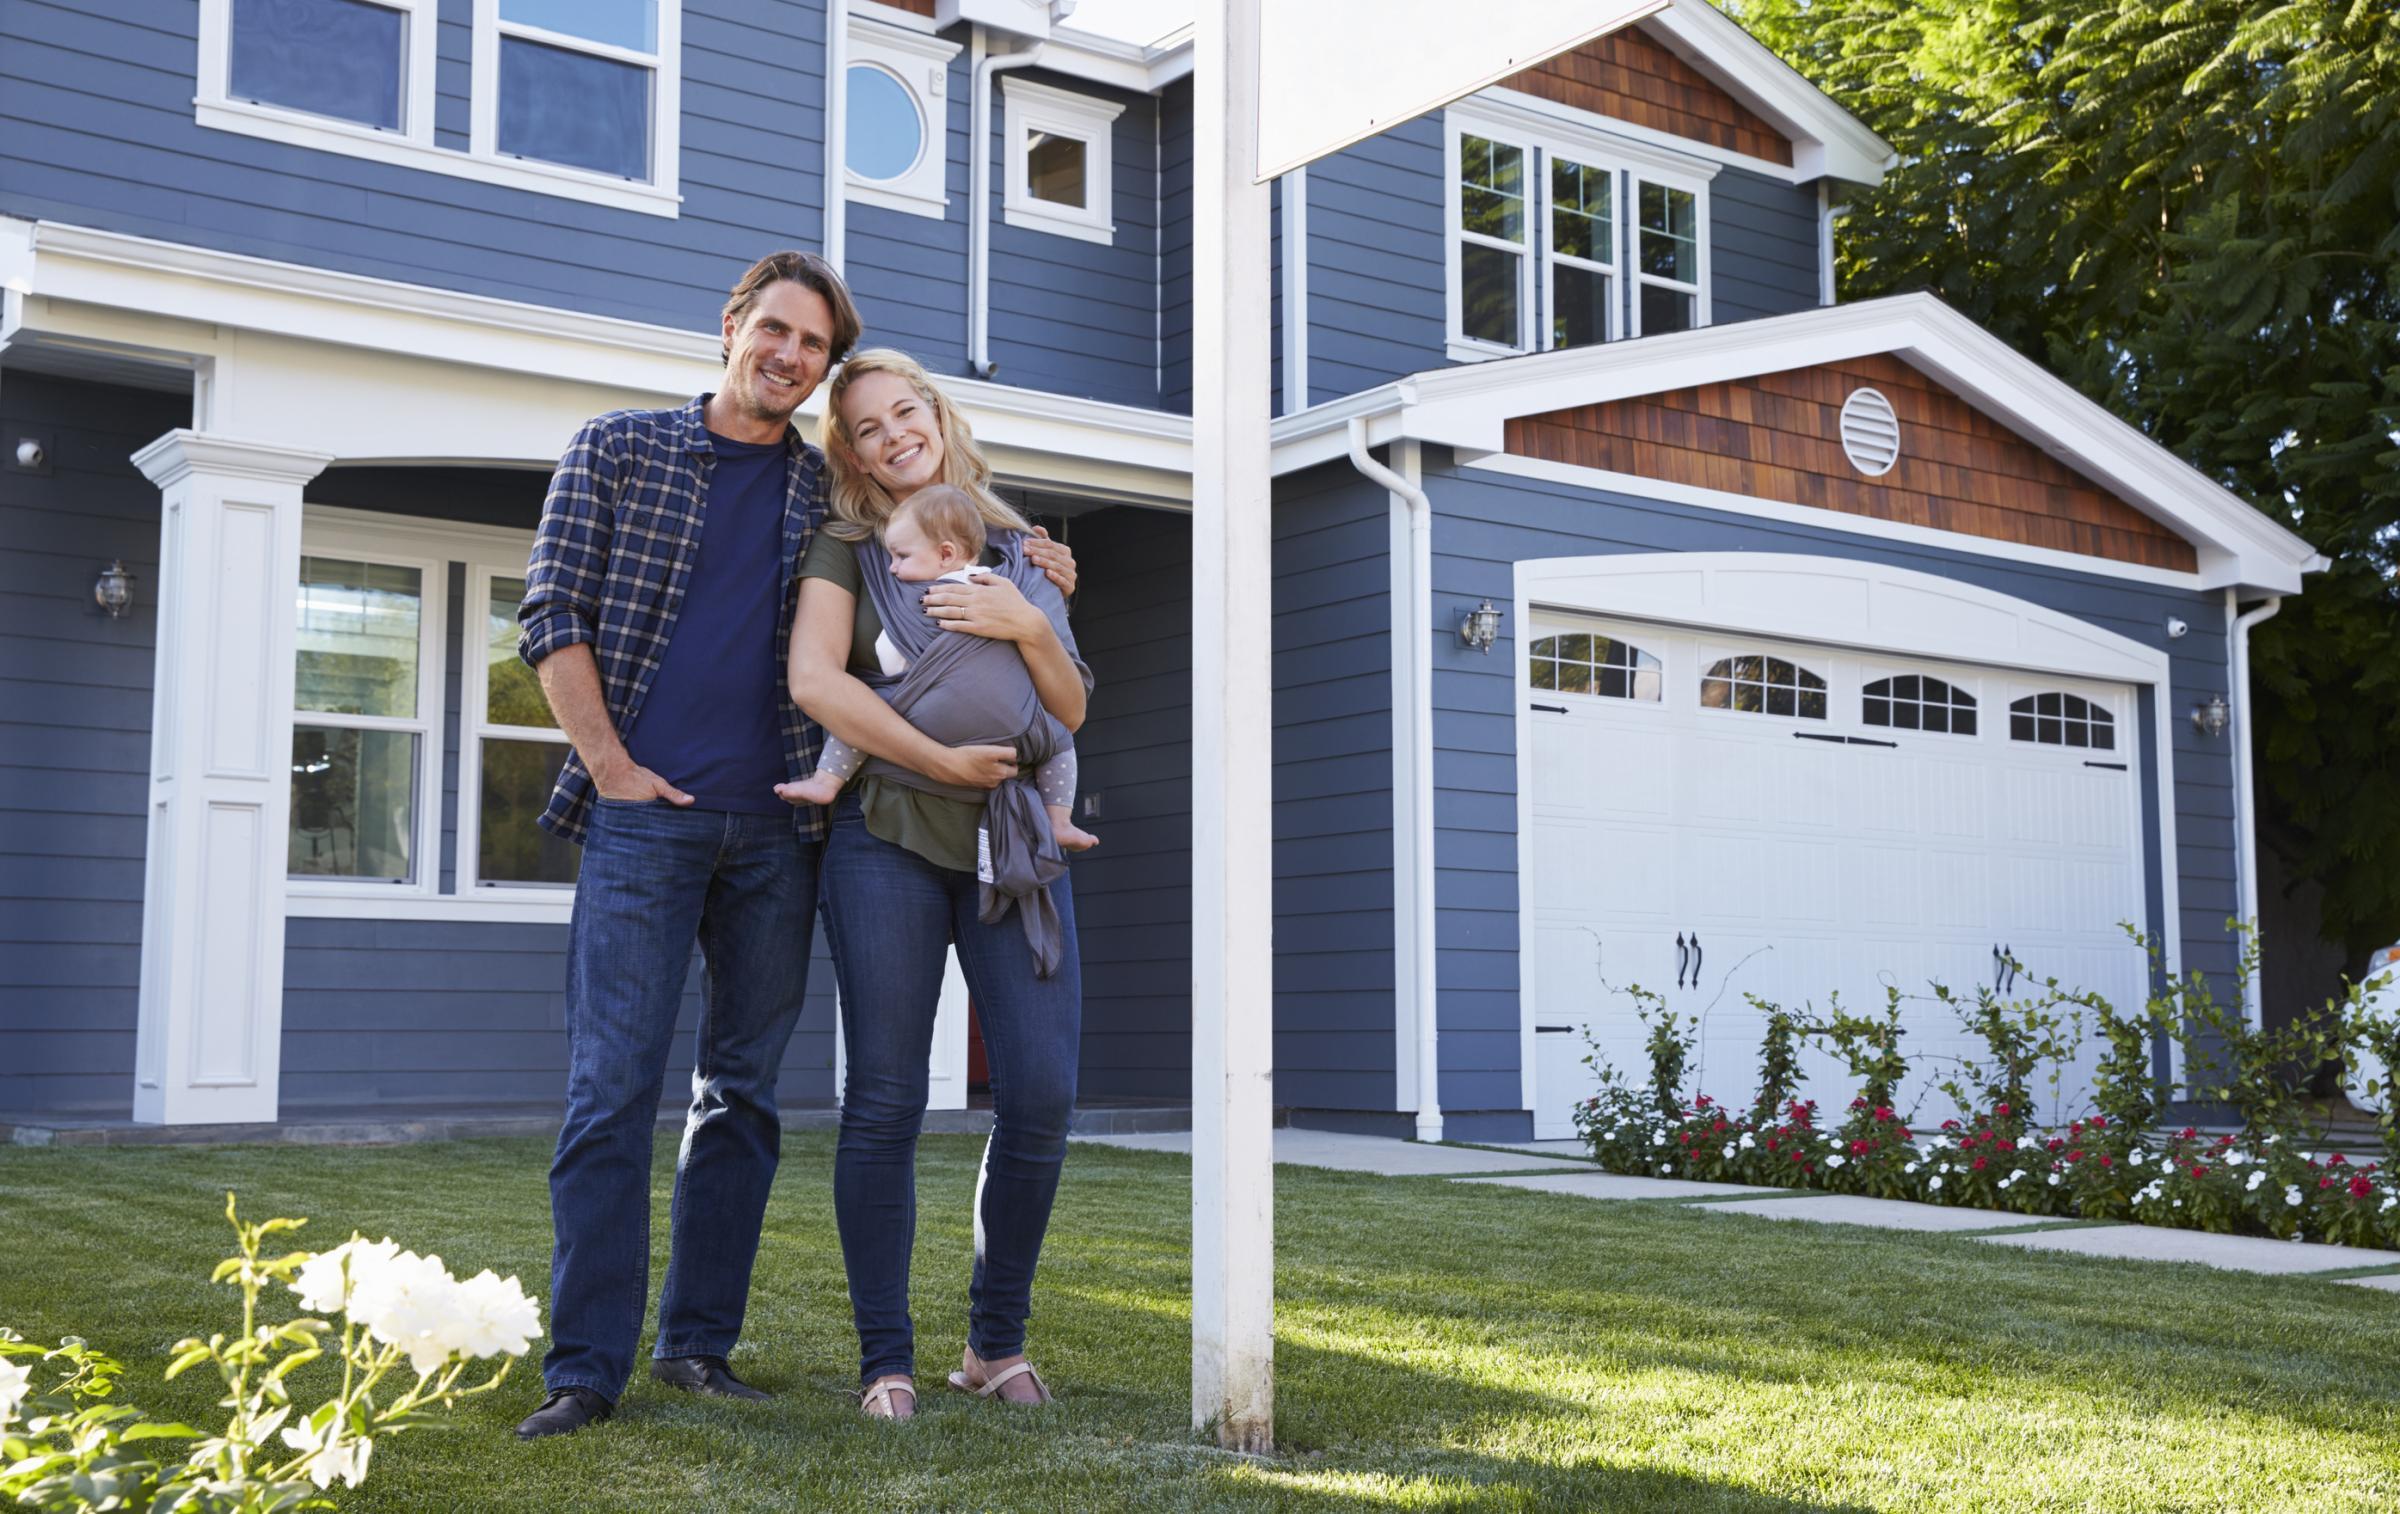 1d0d3-residential-moving-tips-family.jpgresidential-moving-tips-family.jpg